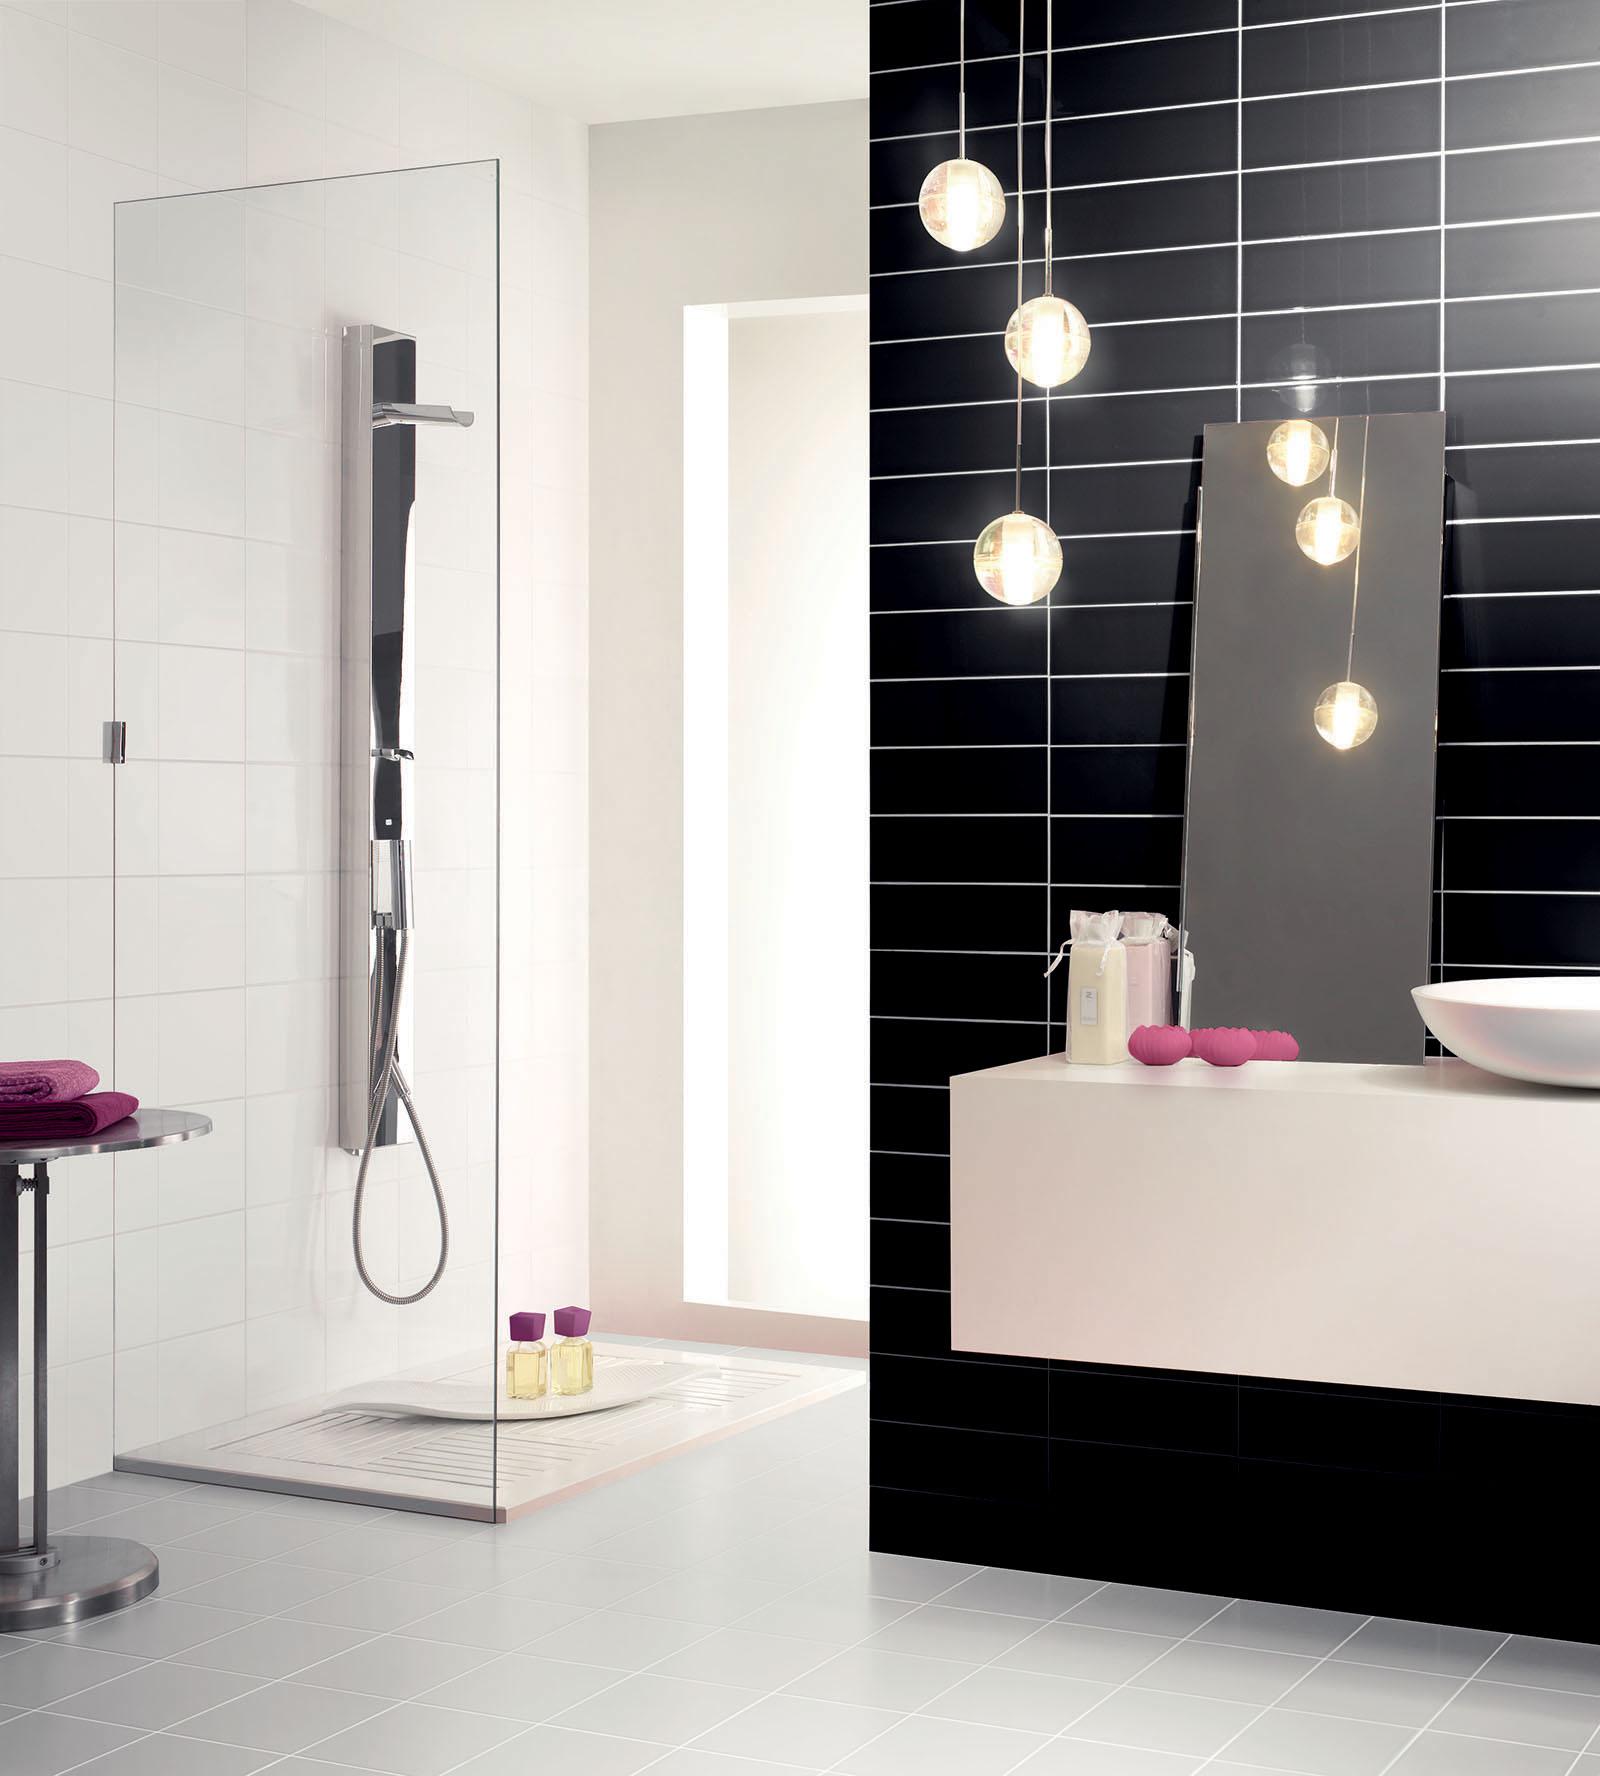 Rivestimento bagno e cucina colors pavimenti e for Piastrelle bagno bianche e nere